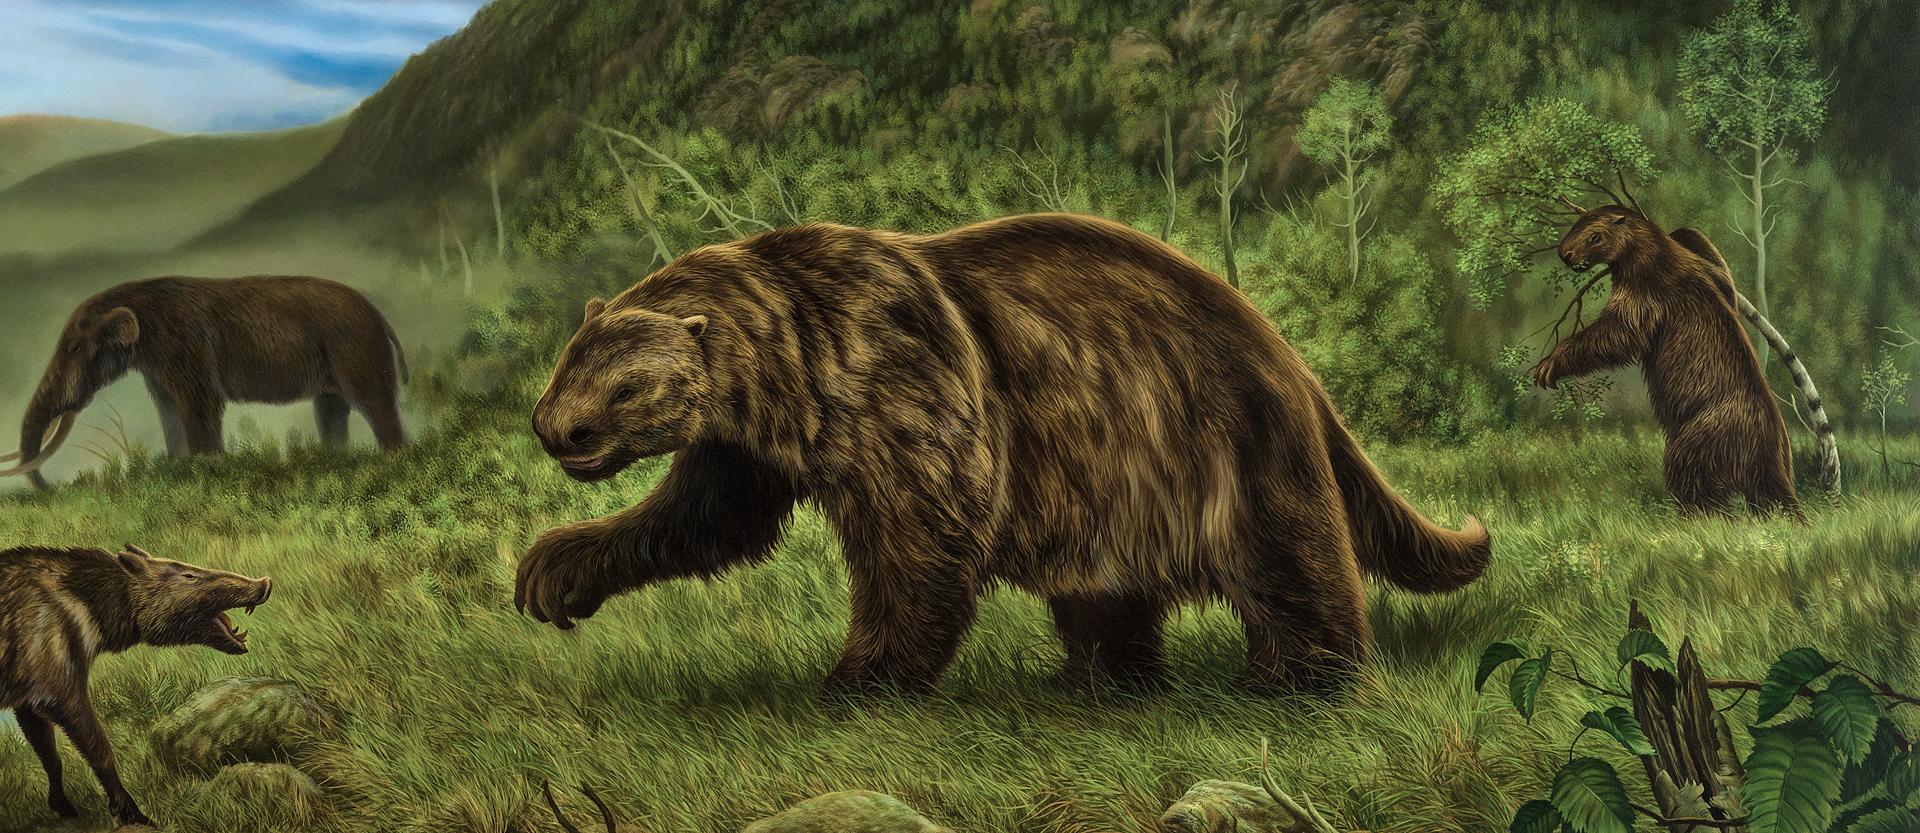 Вымершие животные, готовые к перерождению: Топ-10